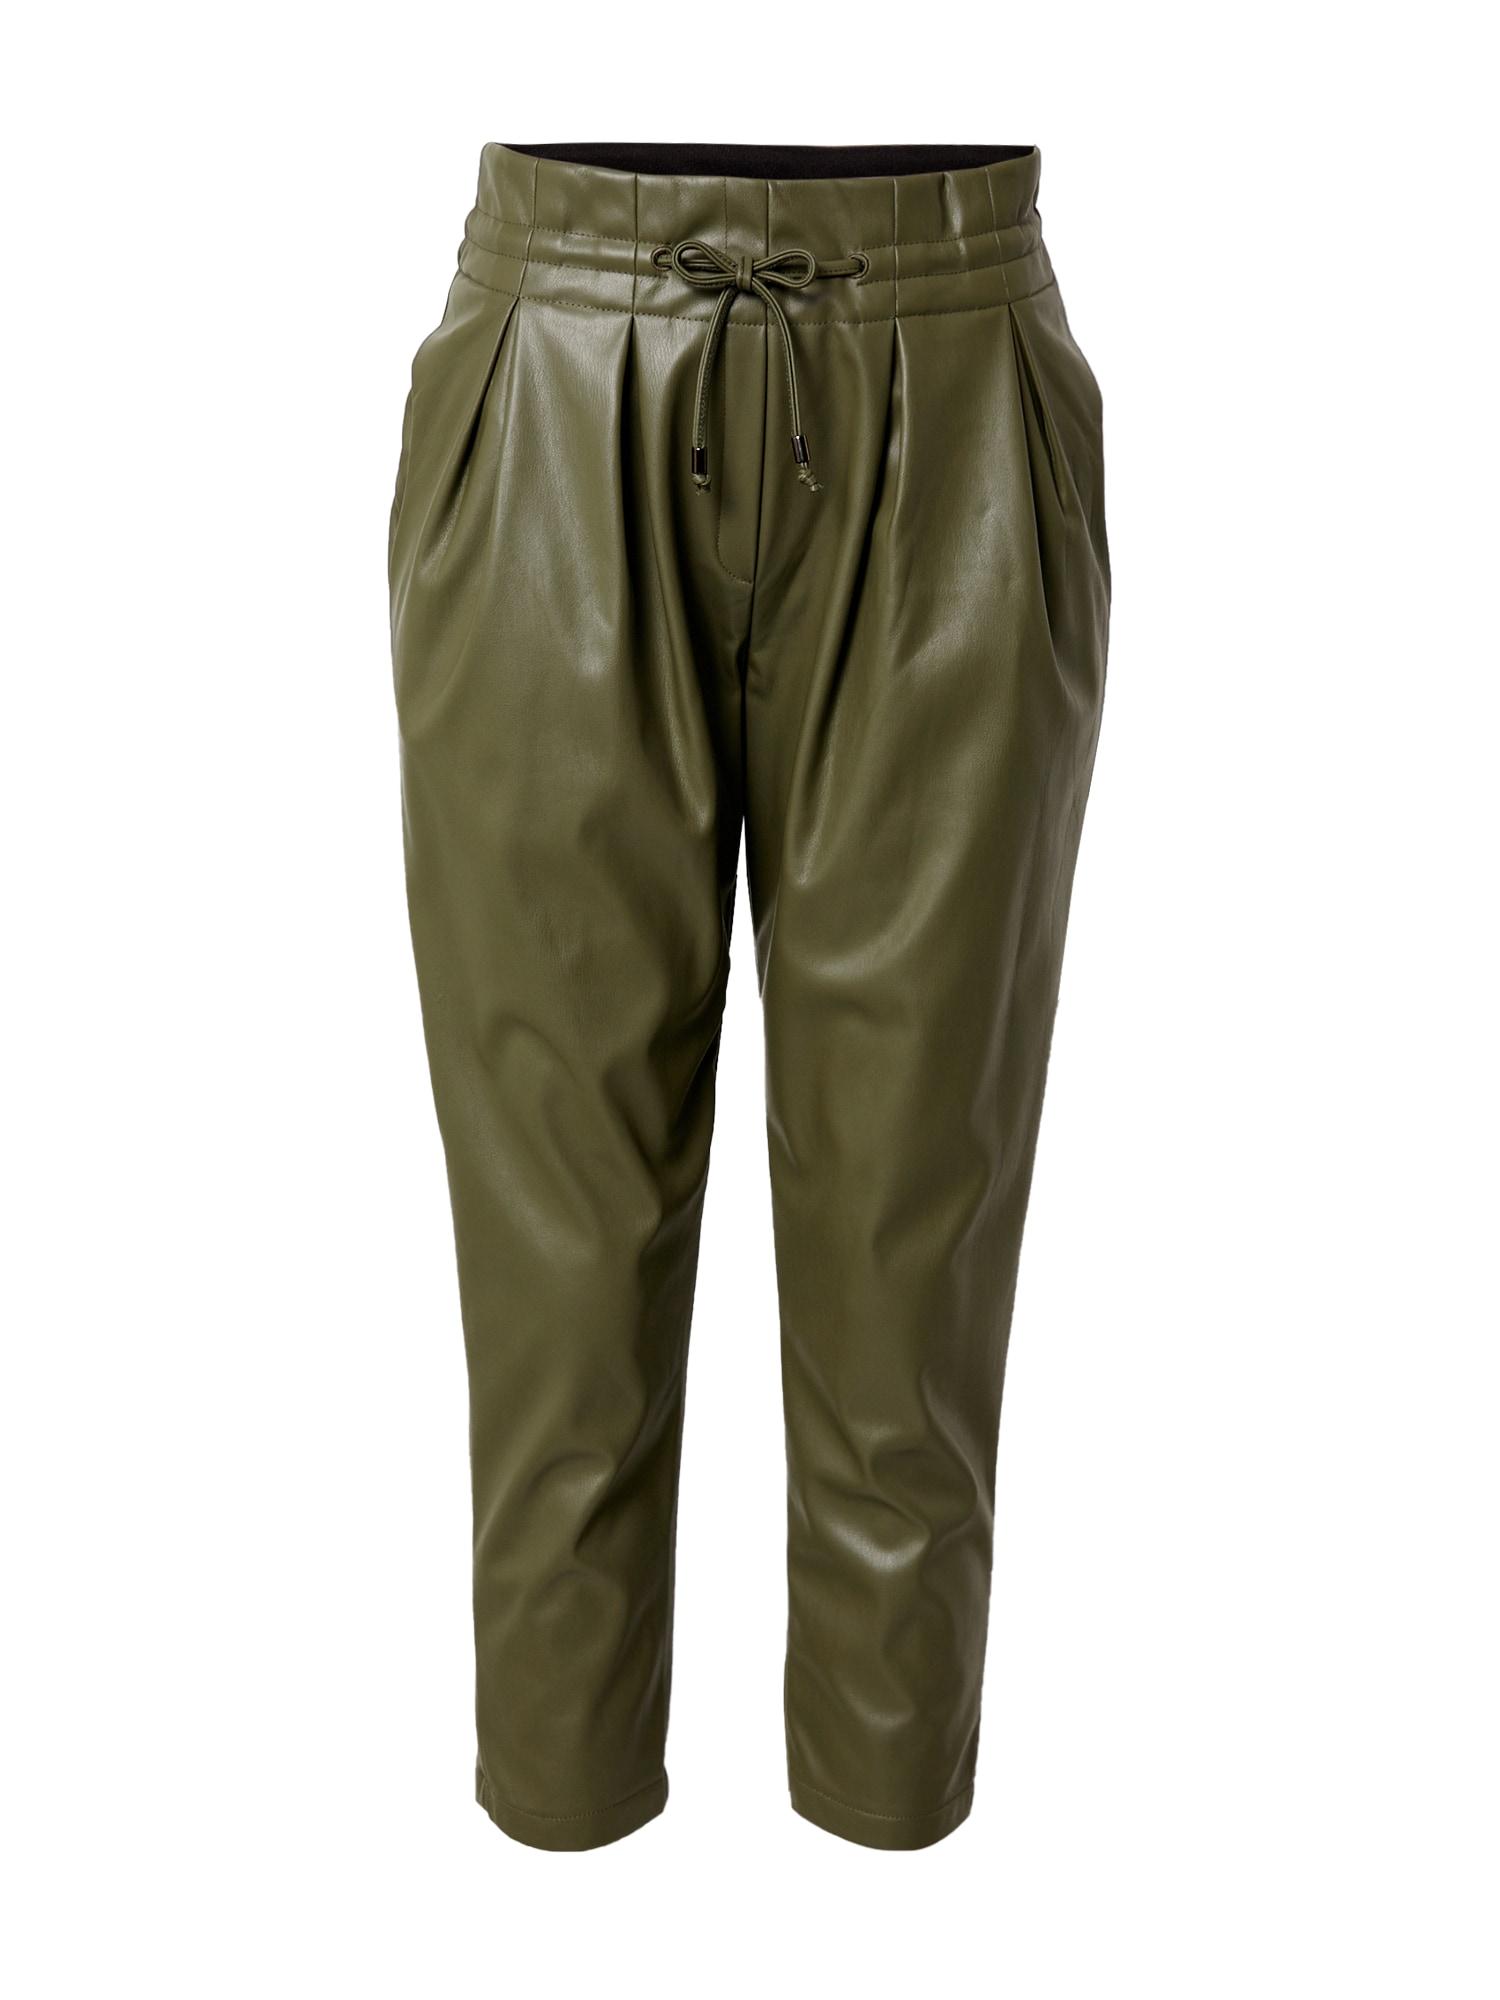 Karo Kauer Klostuotos kelnės rusvai žalia